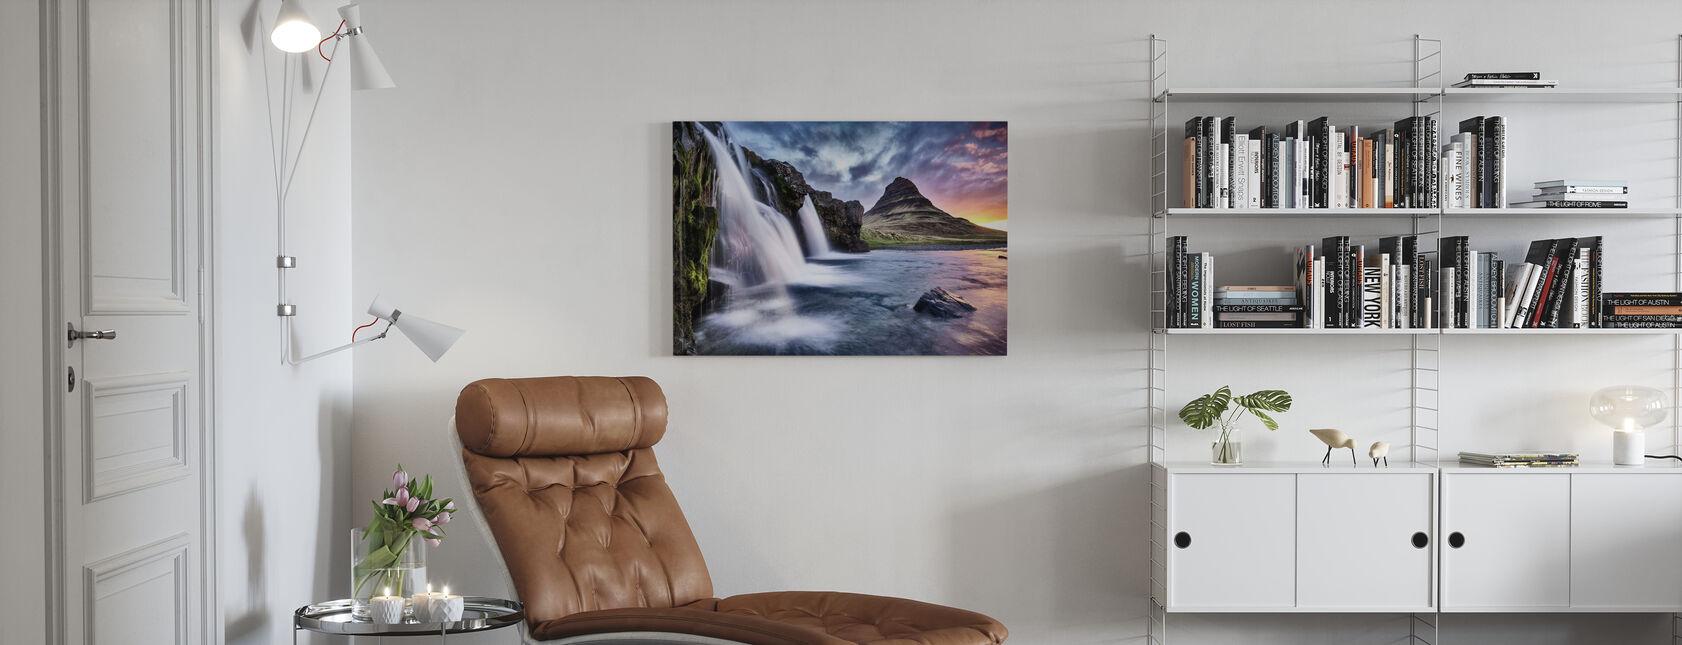 Solnedgång vid Kirkjufellsfoss vattenfall - Canvastavla - Vardagsrum